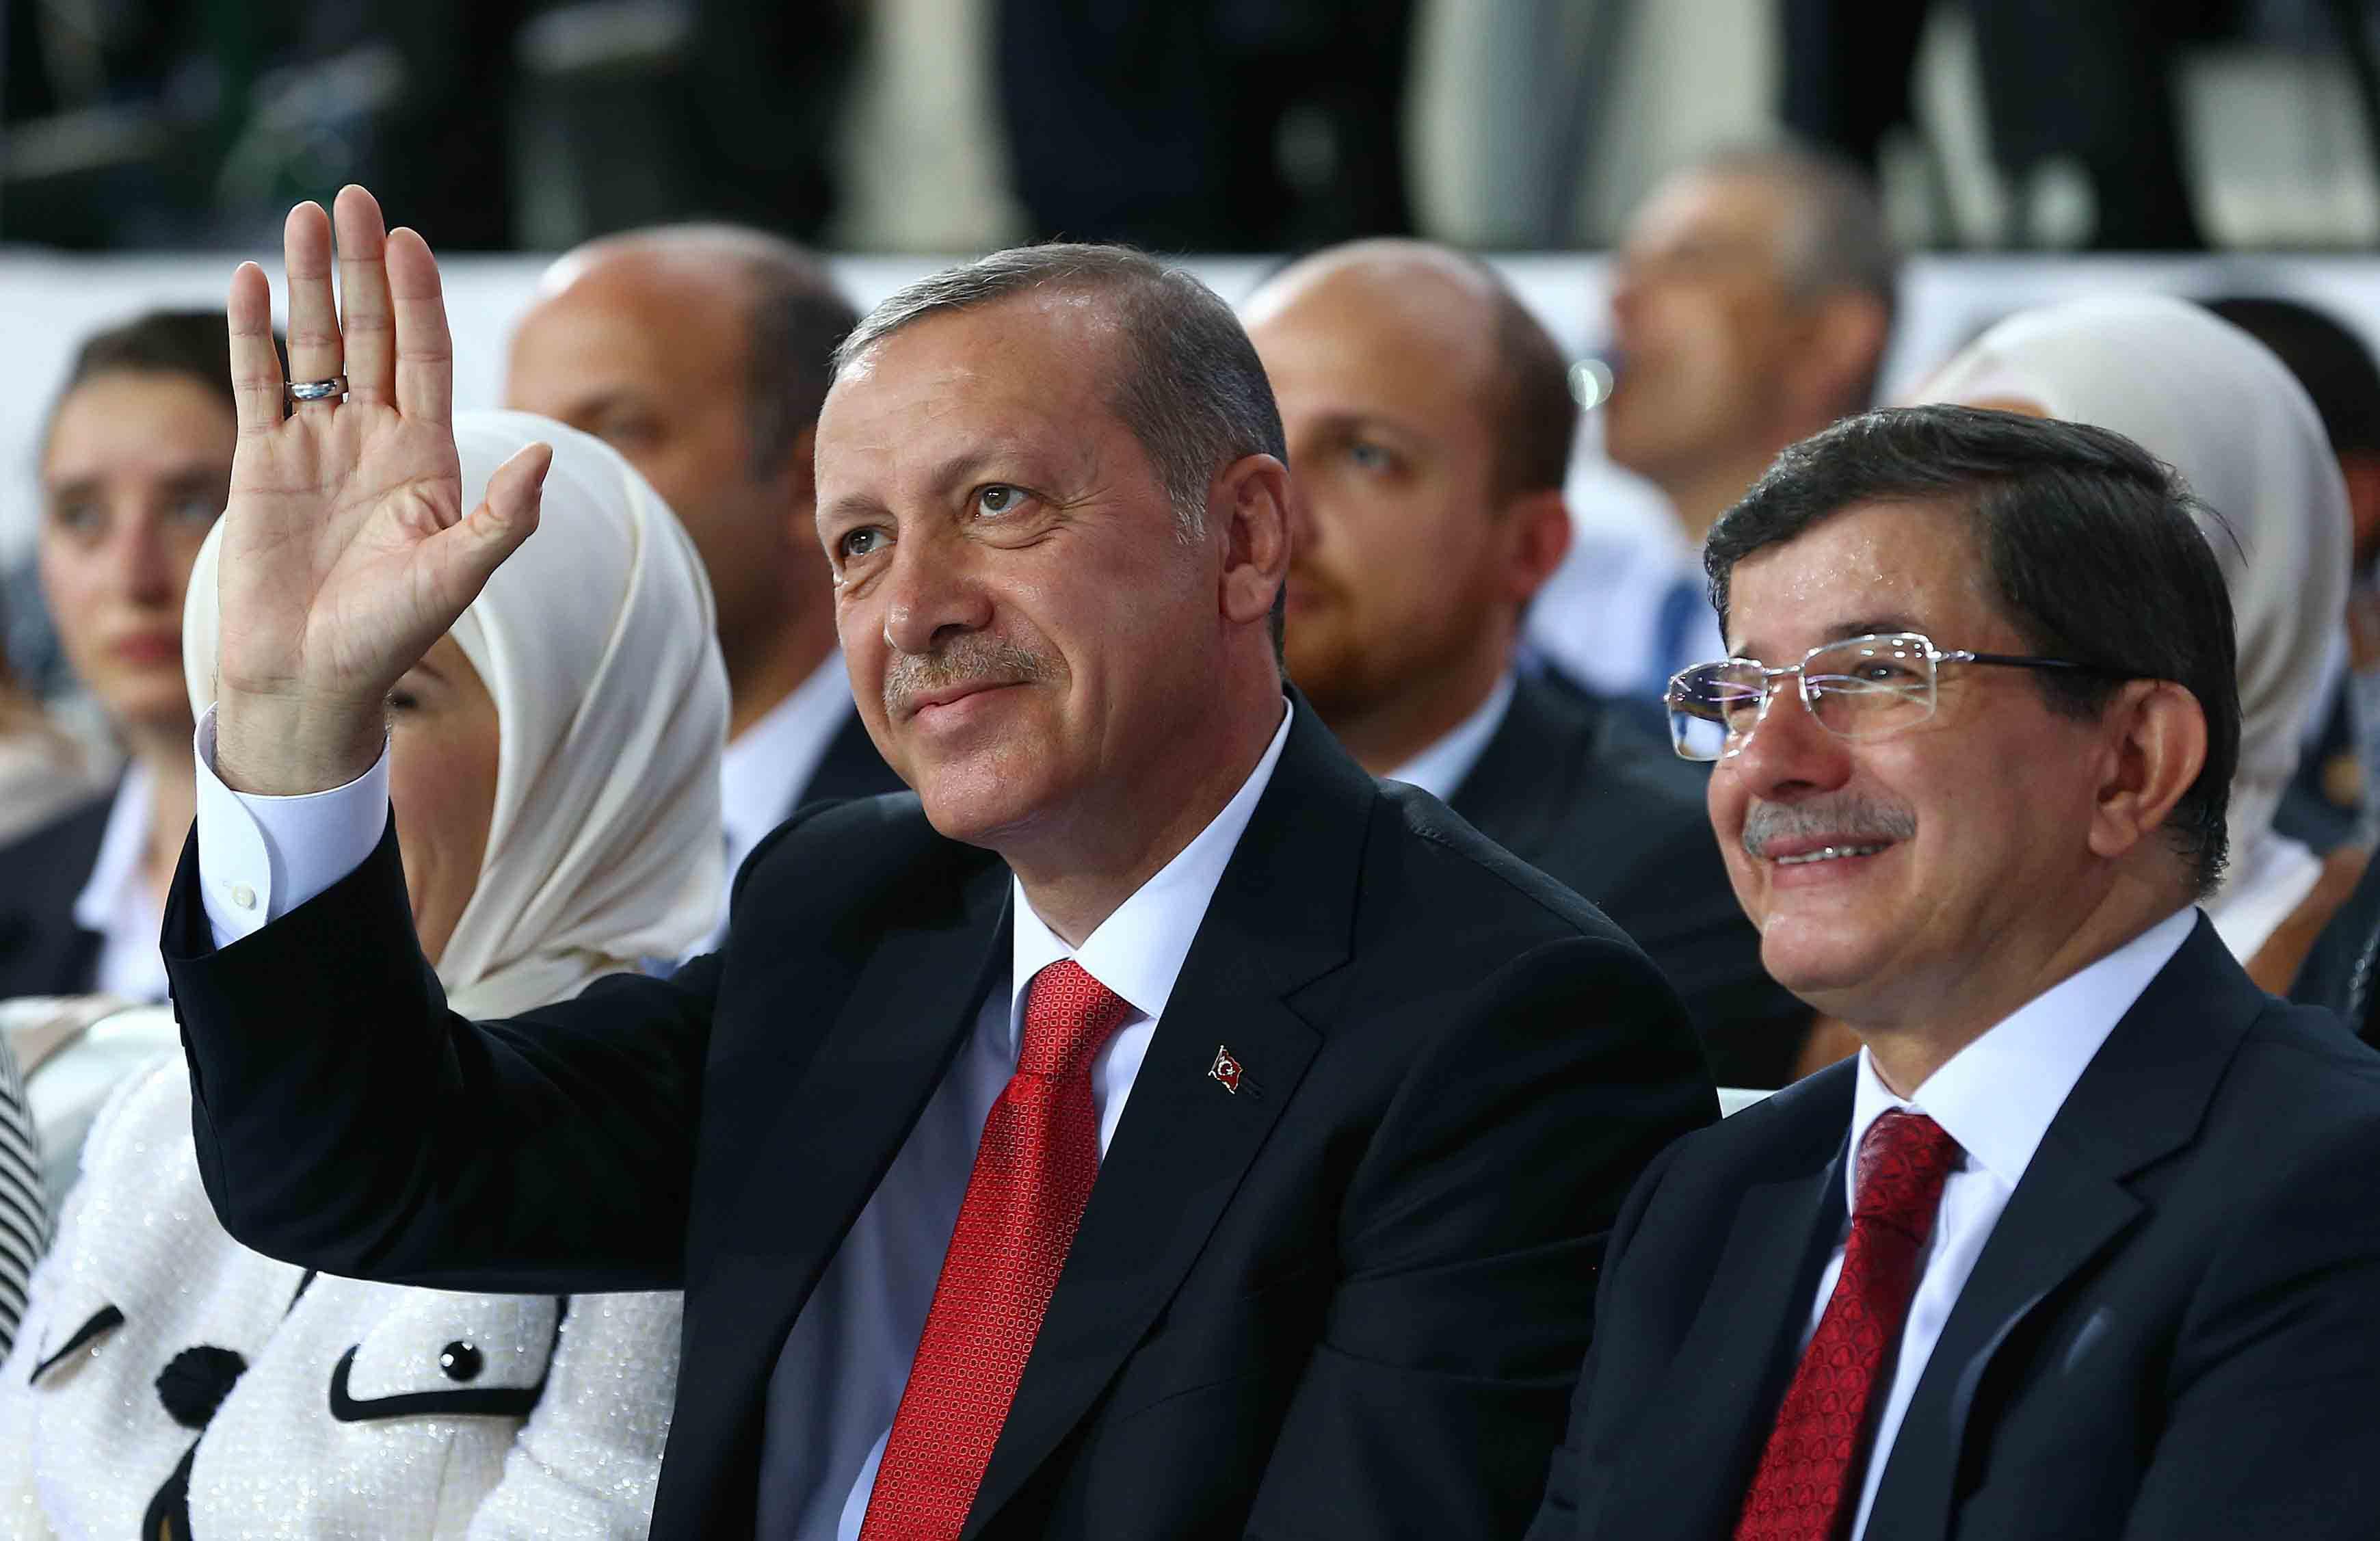 Η δημόσια καταγγελία του πρώην πρωθυπουργού Αχμέτ Νταβούτογλου στον Τούρκο Πρόεδρο Ρ. Τ. Ερντογάν